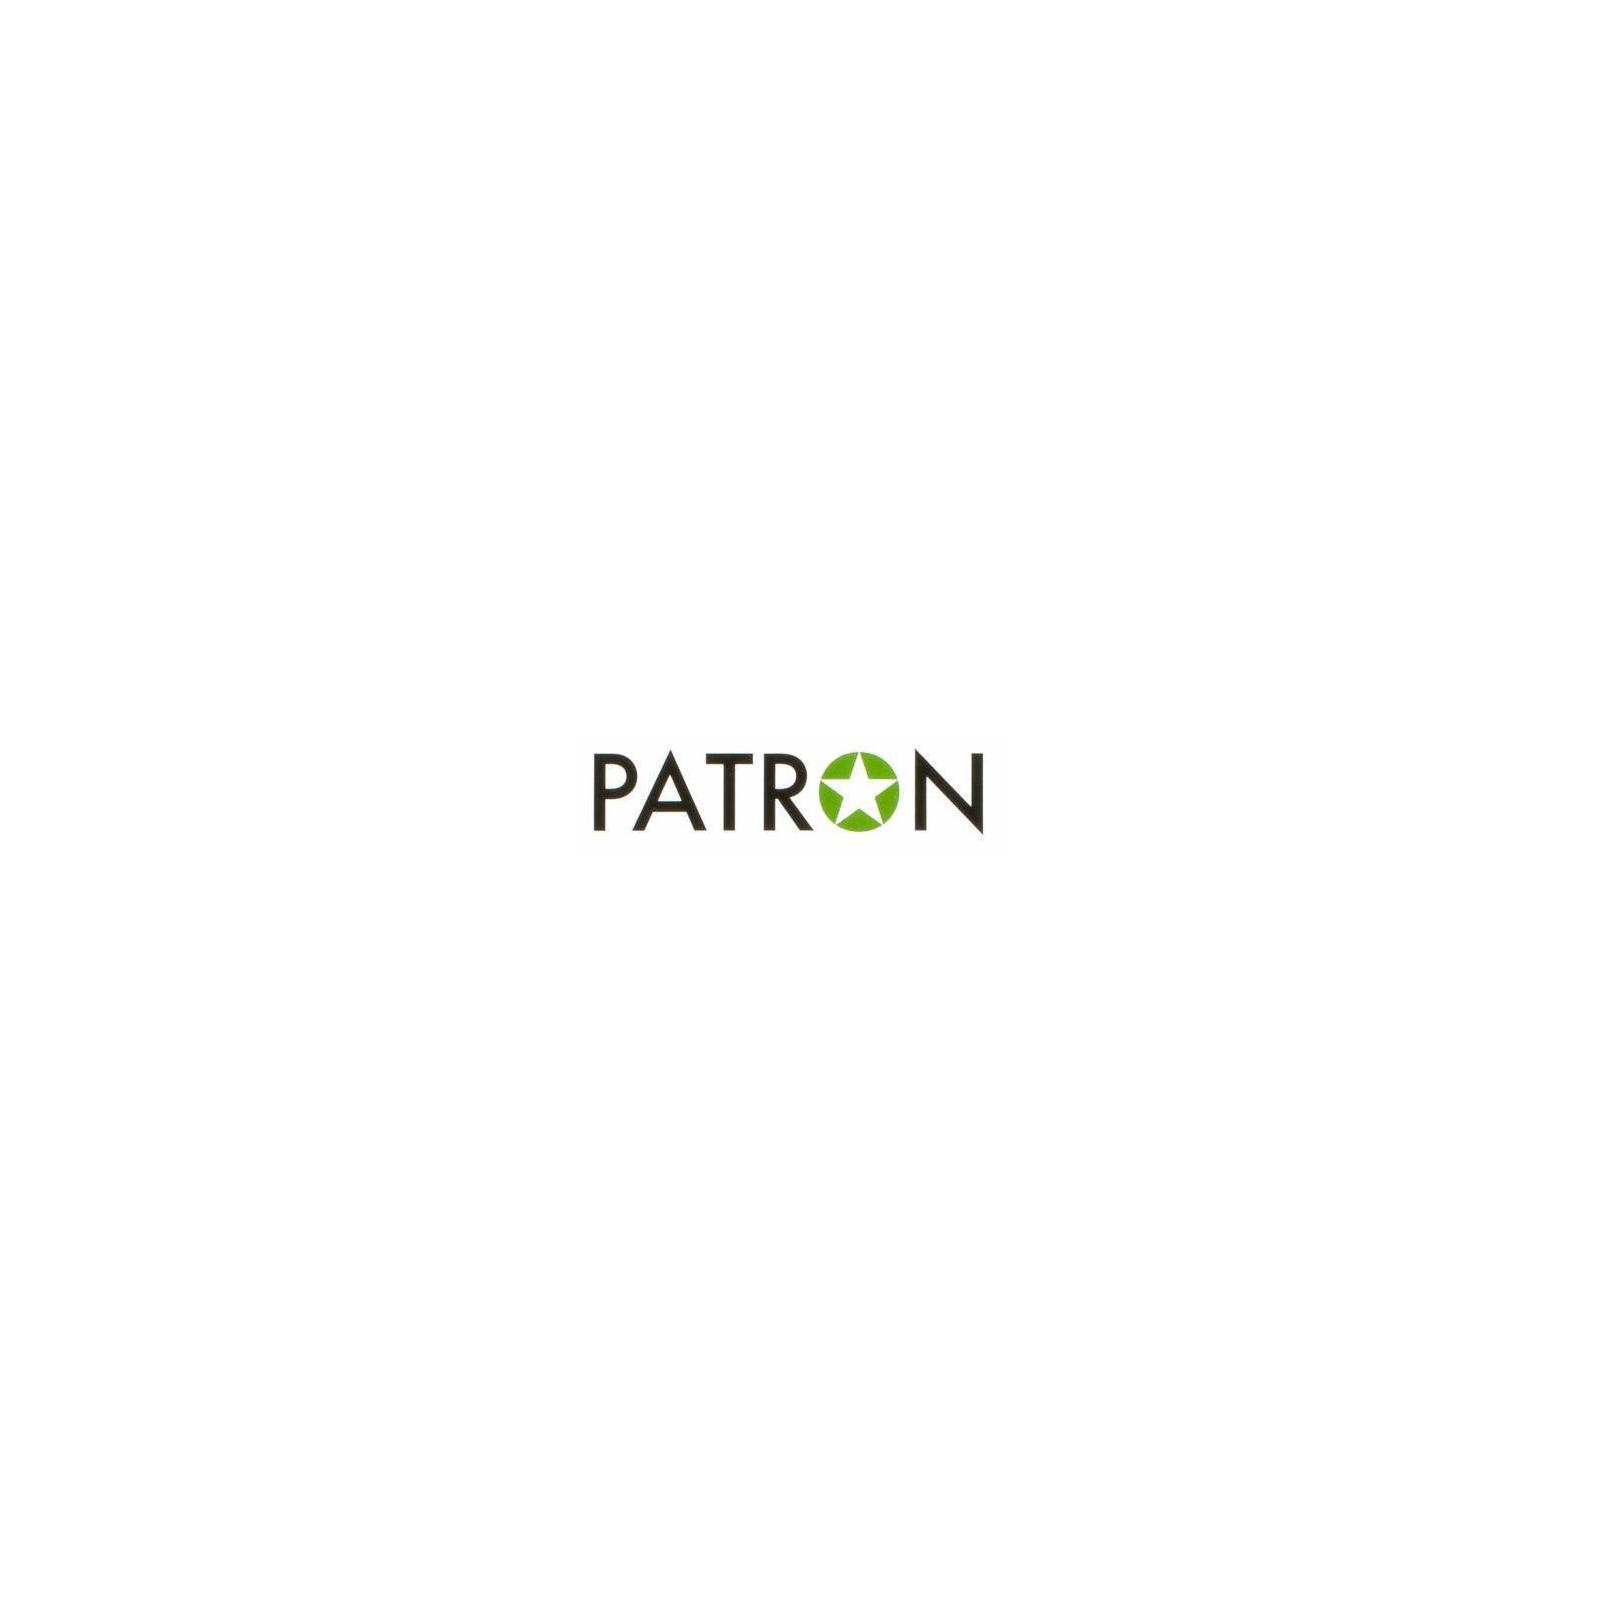 Тонер XEROX Ph3052/WC3215 1кг Patron (PN-XP3052-1)